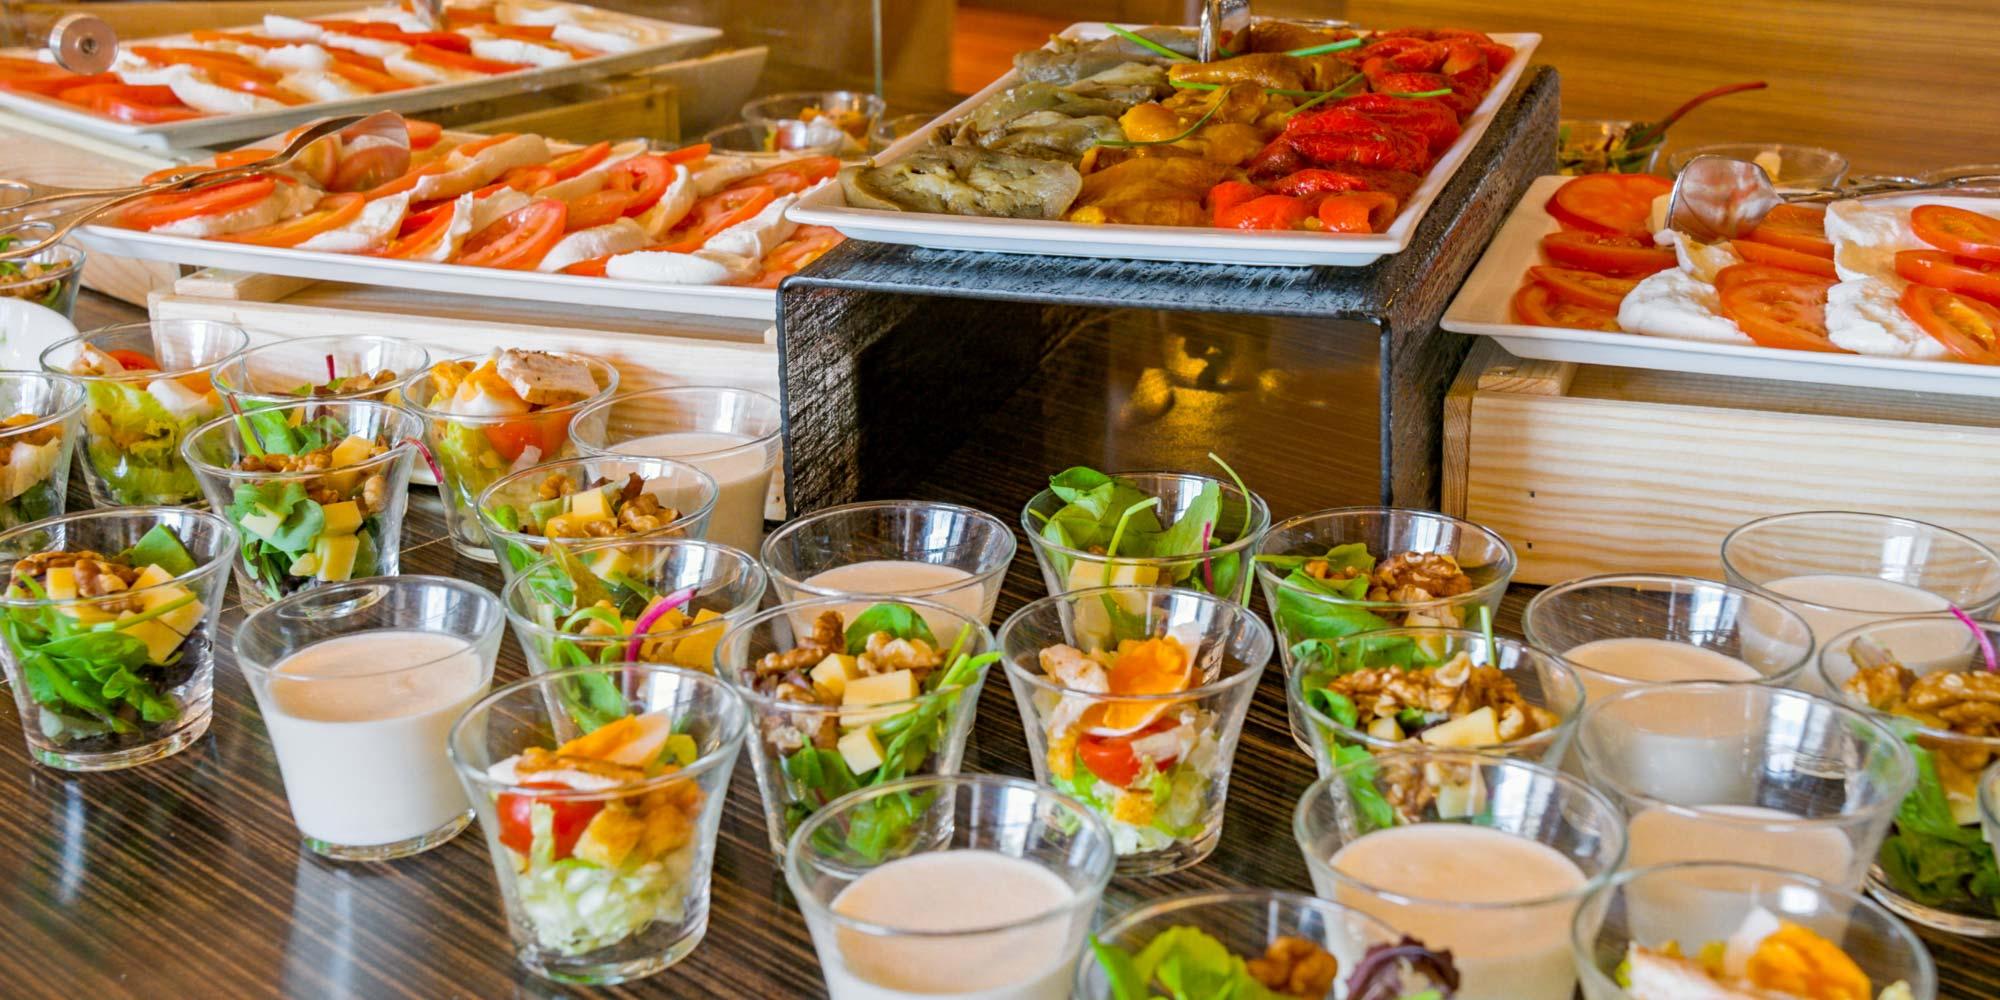 brunch Genève Téseo Hôtel Warwick Geneva brunch